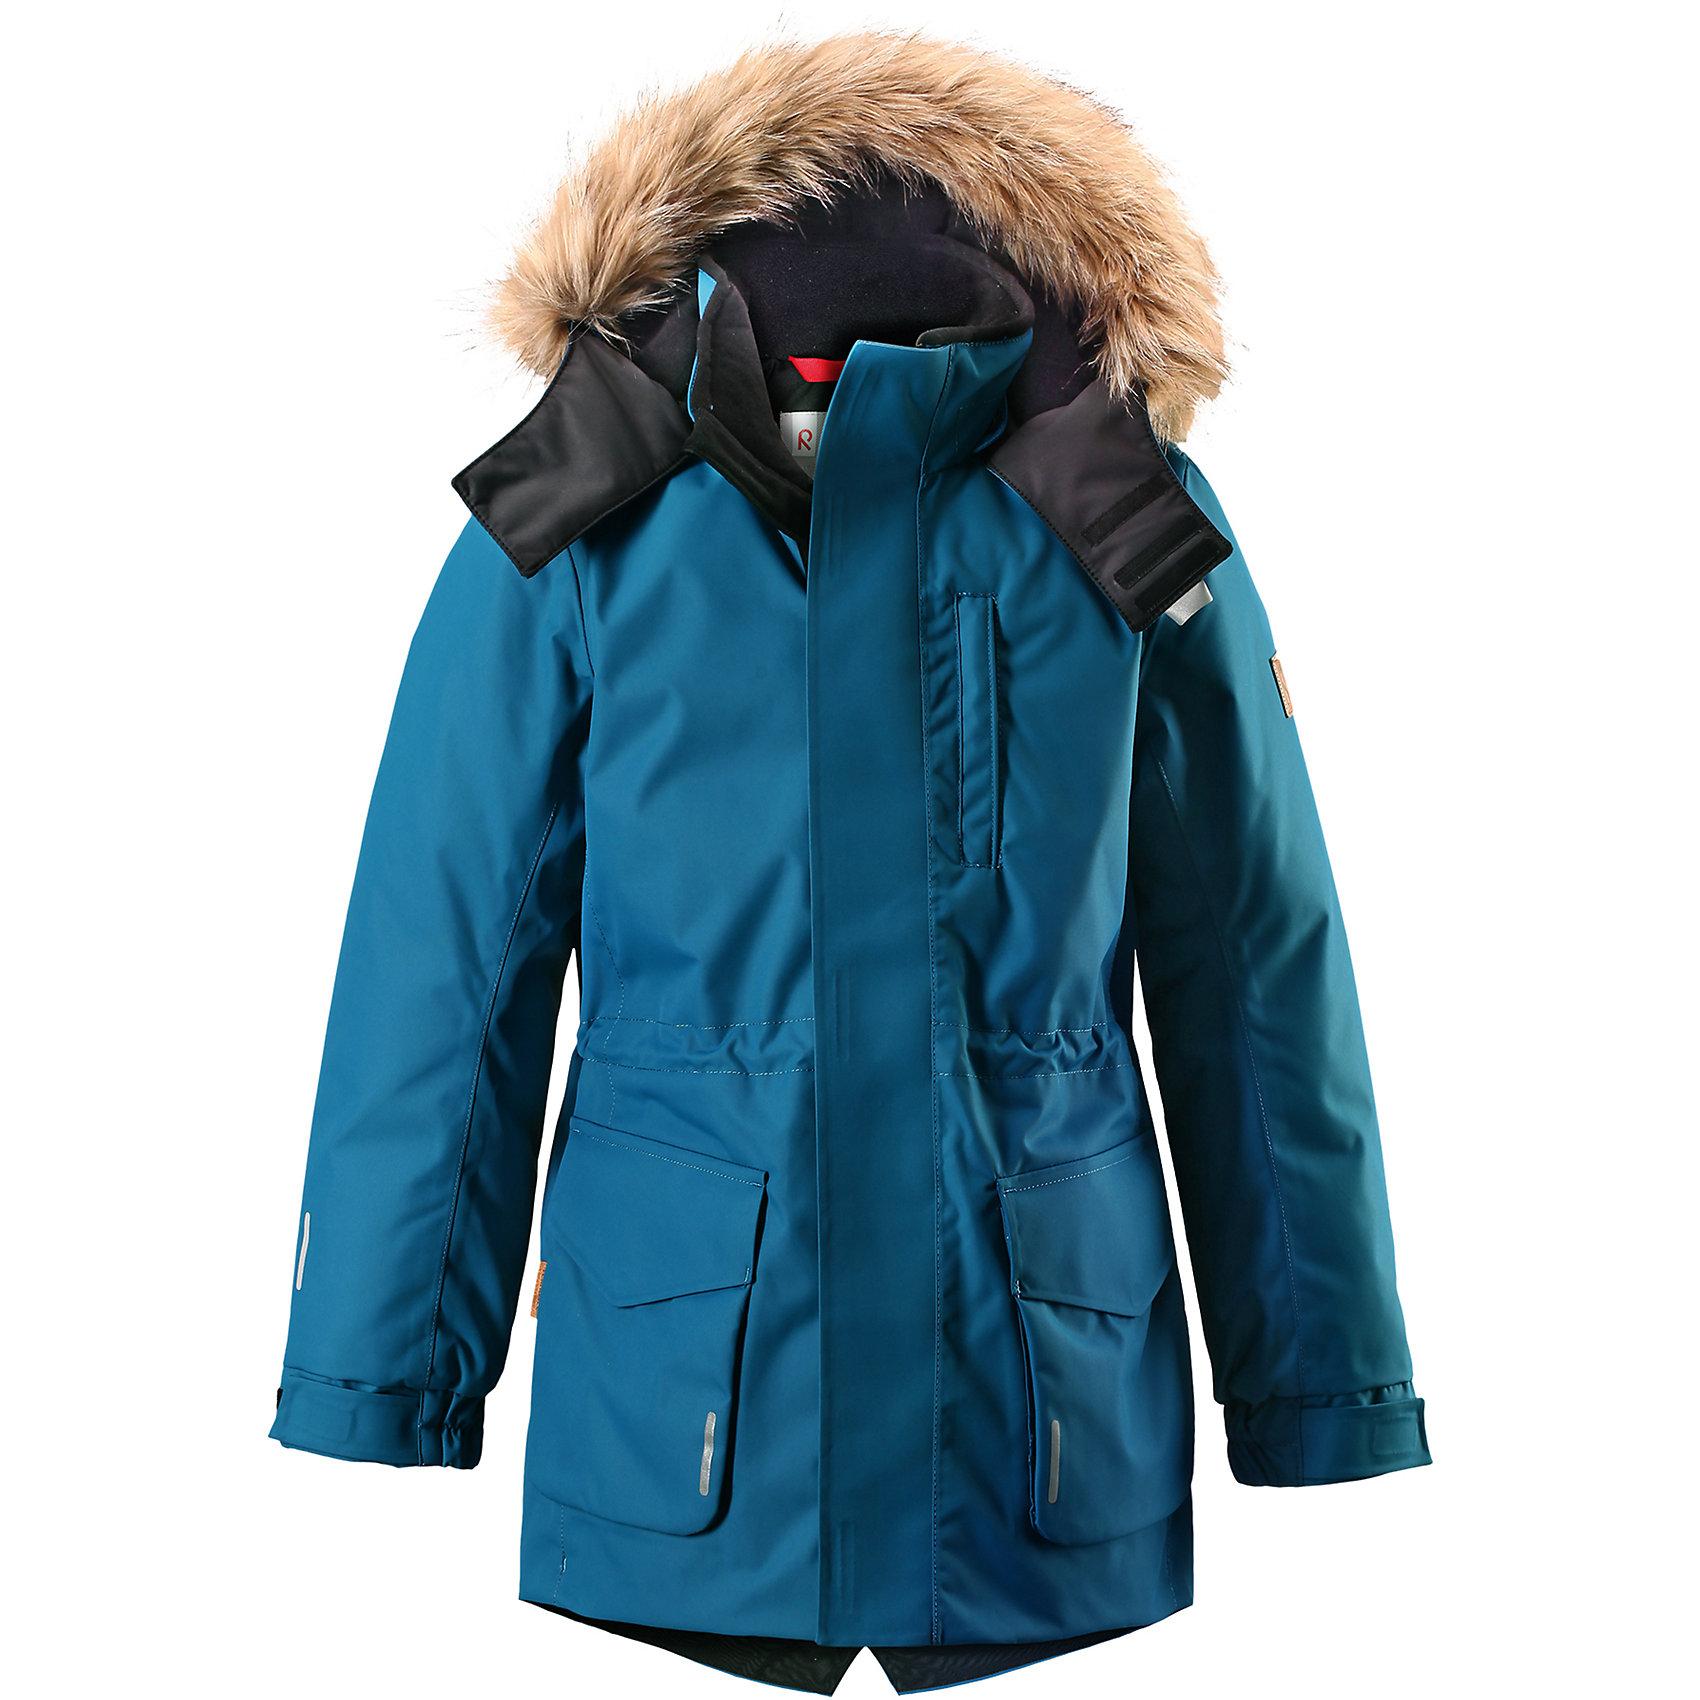 Куртка Naapuri для мальчика Reimatec® ReimaОдежда<br>Классическая детская непромокаемая парка подойдет для любой прогулки. Эта удлиненная зимняя куртка из специального водо-и ветронепроницаемого материала хорошо пропускает воздух и обладает водо- и грязеотталкивающими свойствами. Все швы проклеены и водонепроницаемы, так что дети могут наслаждаться веселыми зимними забавами в любую погоду. У этой модели прямой покрой с регулируемой талией и подолом, так что при желании силуэт можно сделать более приталенным. <br><br>Куртка снабжена двумя большими карманами с клапанами и двумя нагрудными карманами, один из которых на молнии. Обратите внимание на удобную петельку, спрятанную в кармане с клапаном – к ней можно прикрепить светоотражатель или ключи. Безопасный съемный капюшон с элегантной съемной оторочкой из искусственного меха придает особую изюминку этой изящной модели. Эта куртка очень проста в уходе, кроме того, ее можно сушить в стиральной машине.<br>Состав:<br>100% Полиэстер<br><br>Ширина мм: 356<br>Глубина мм: 10<br>Высота мм: 245<br>Вес г: 519<br>Цвет: синий<br>Возраст от месяцев: 156<br>Возраст до месяцев: 168<br>Пол: Мужской<br>Возраст: Детский<br>Размер: 164,104,110,116,122,128,134,140,146,152,158<br>SKU: 6903801